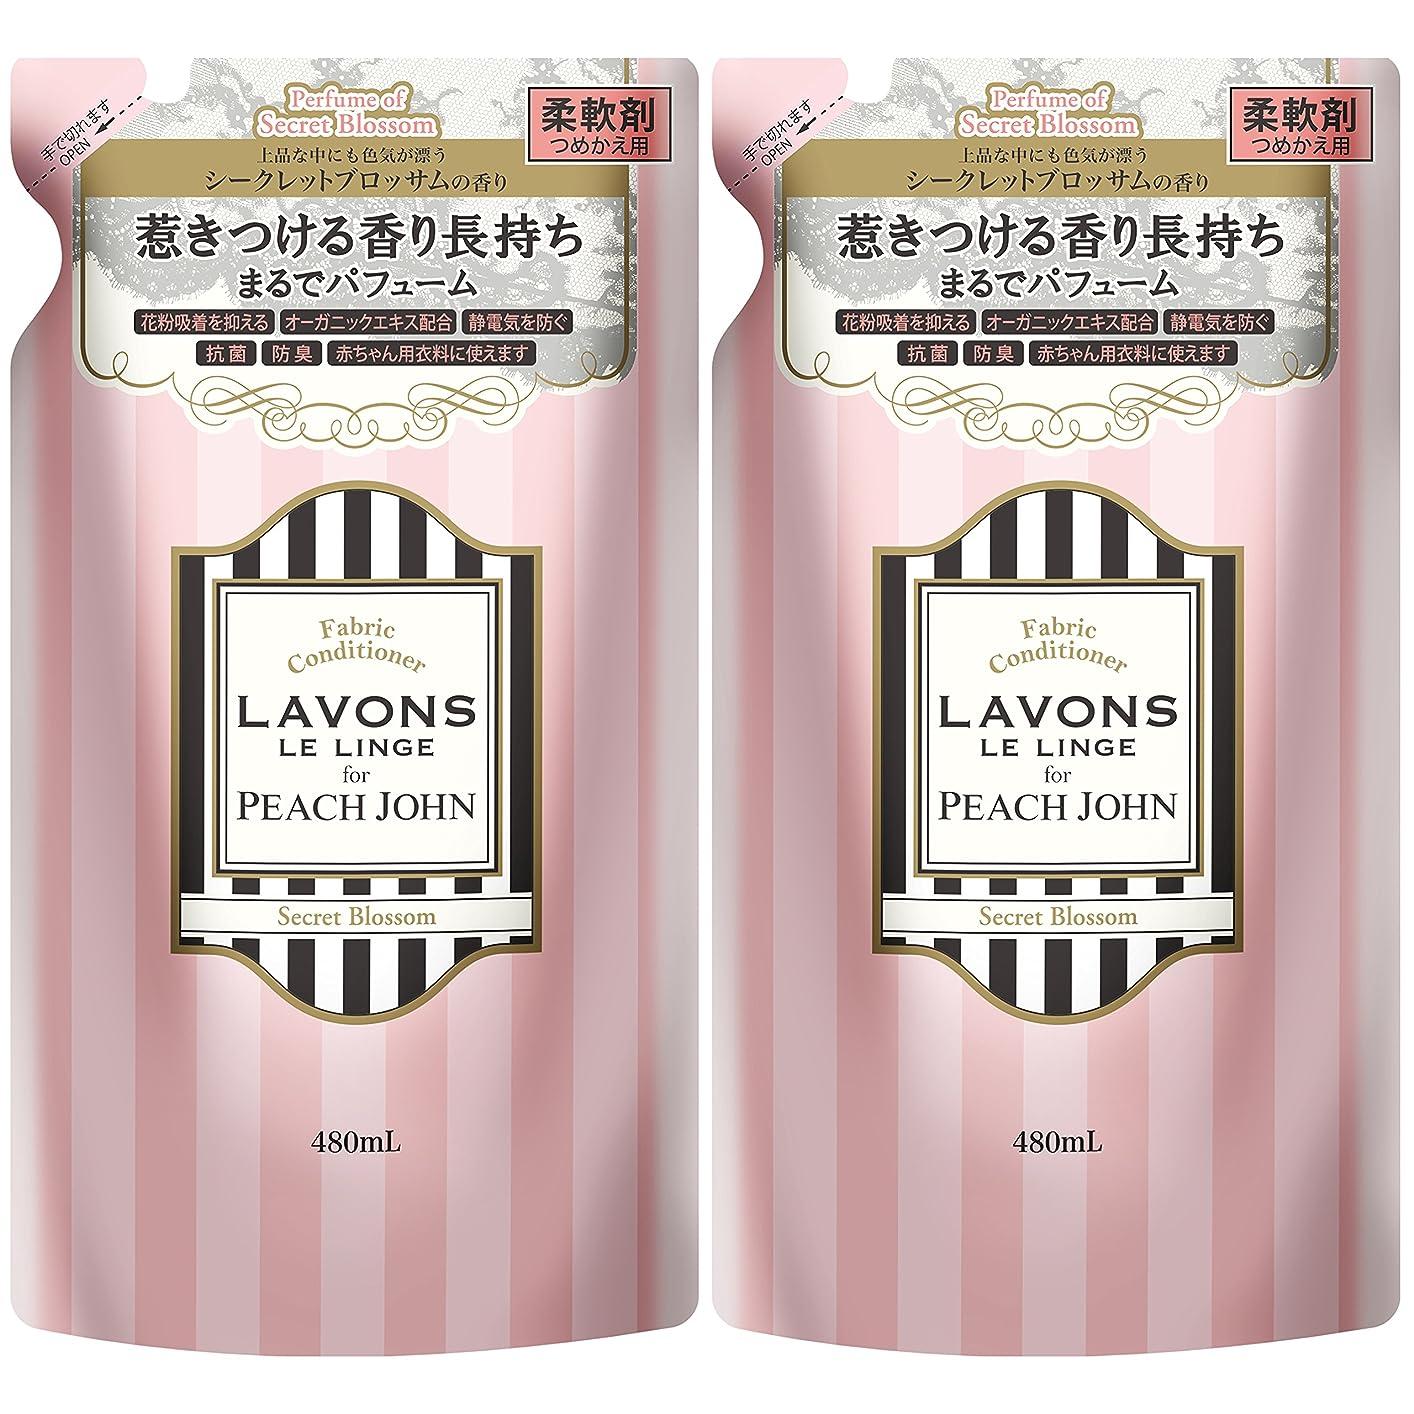 情緒的機転有害ラボン ( Lavons )  柔軟剤 詰替え PJ シークレットブロッサムの香り  2個